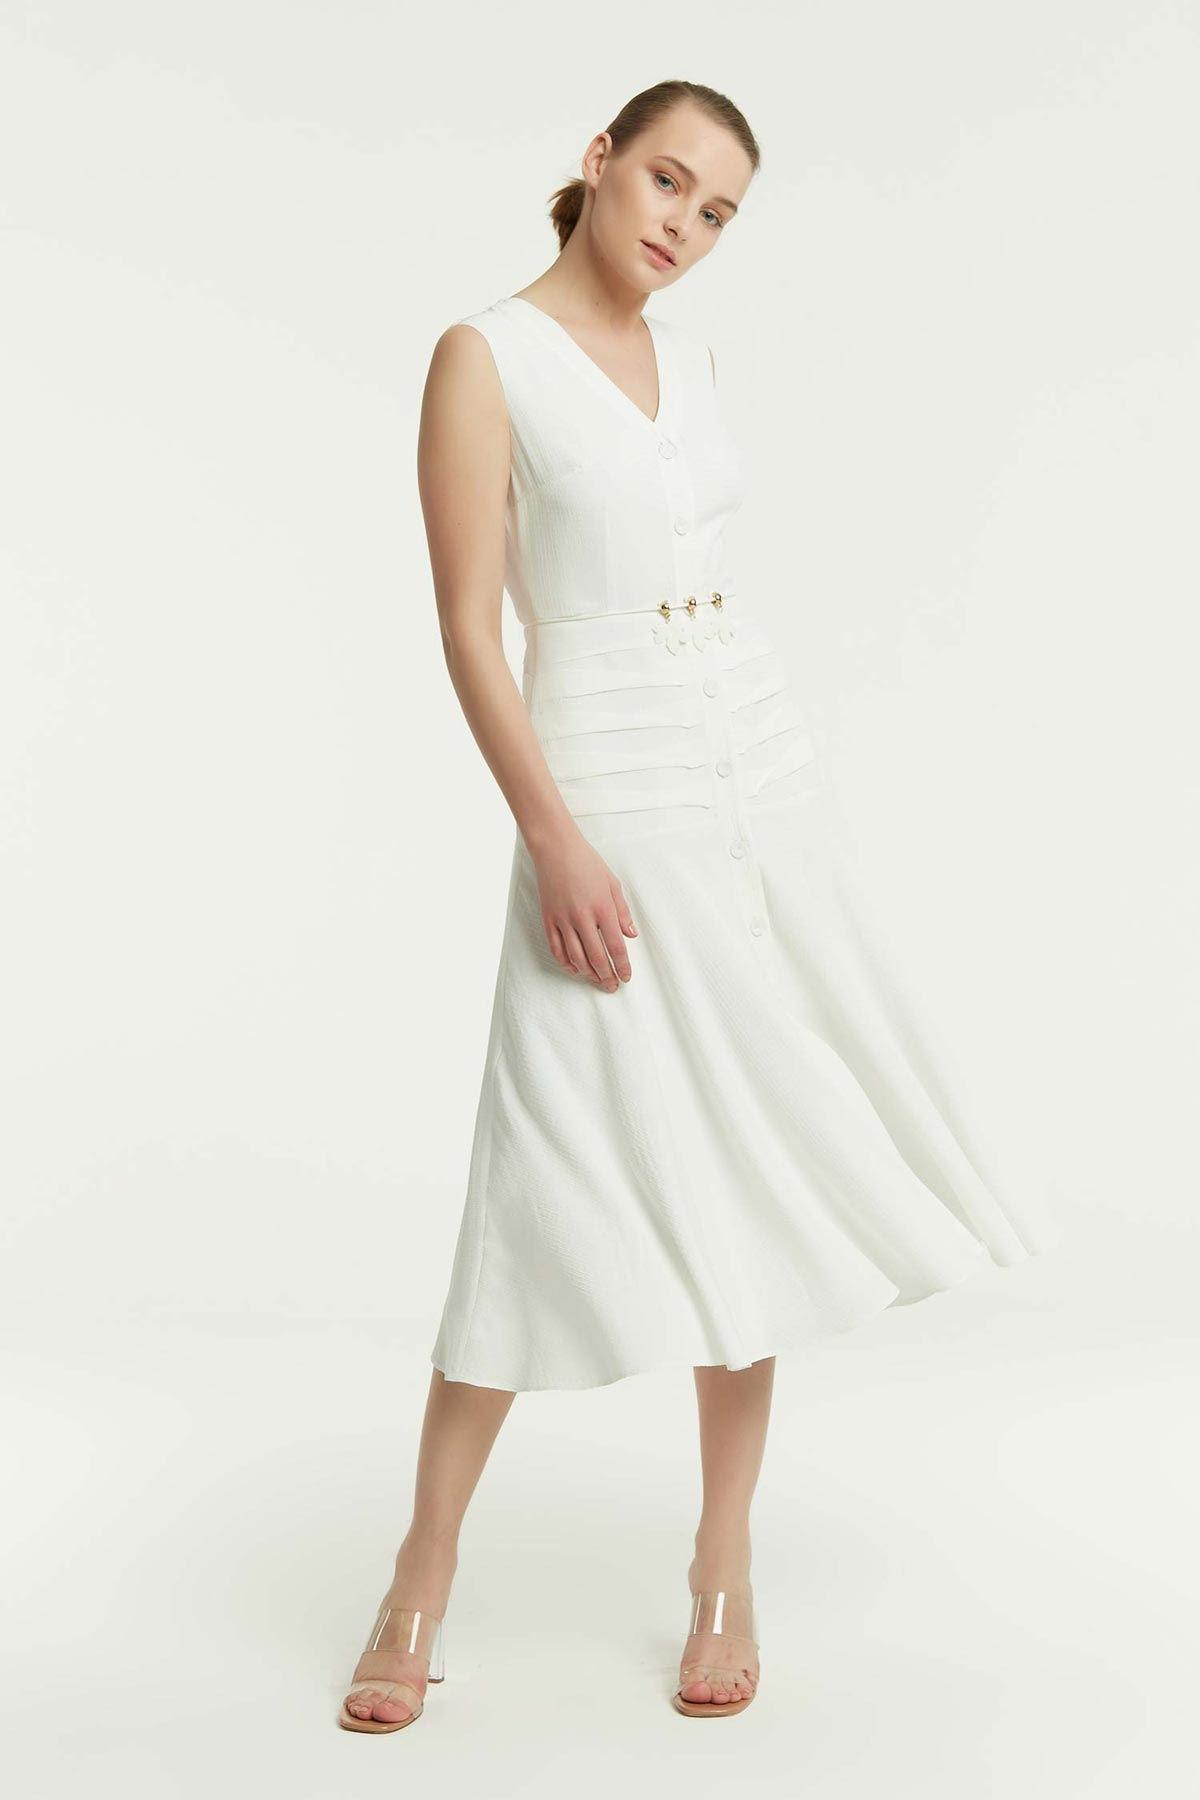 Bel Korsajlı Kolsuz Elbise Beyaz